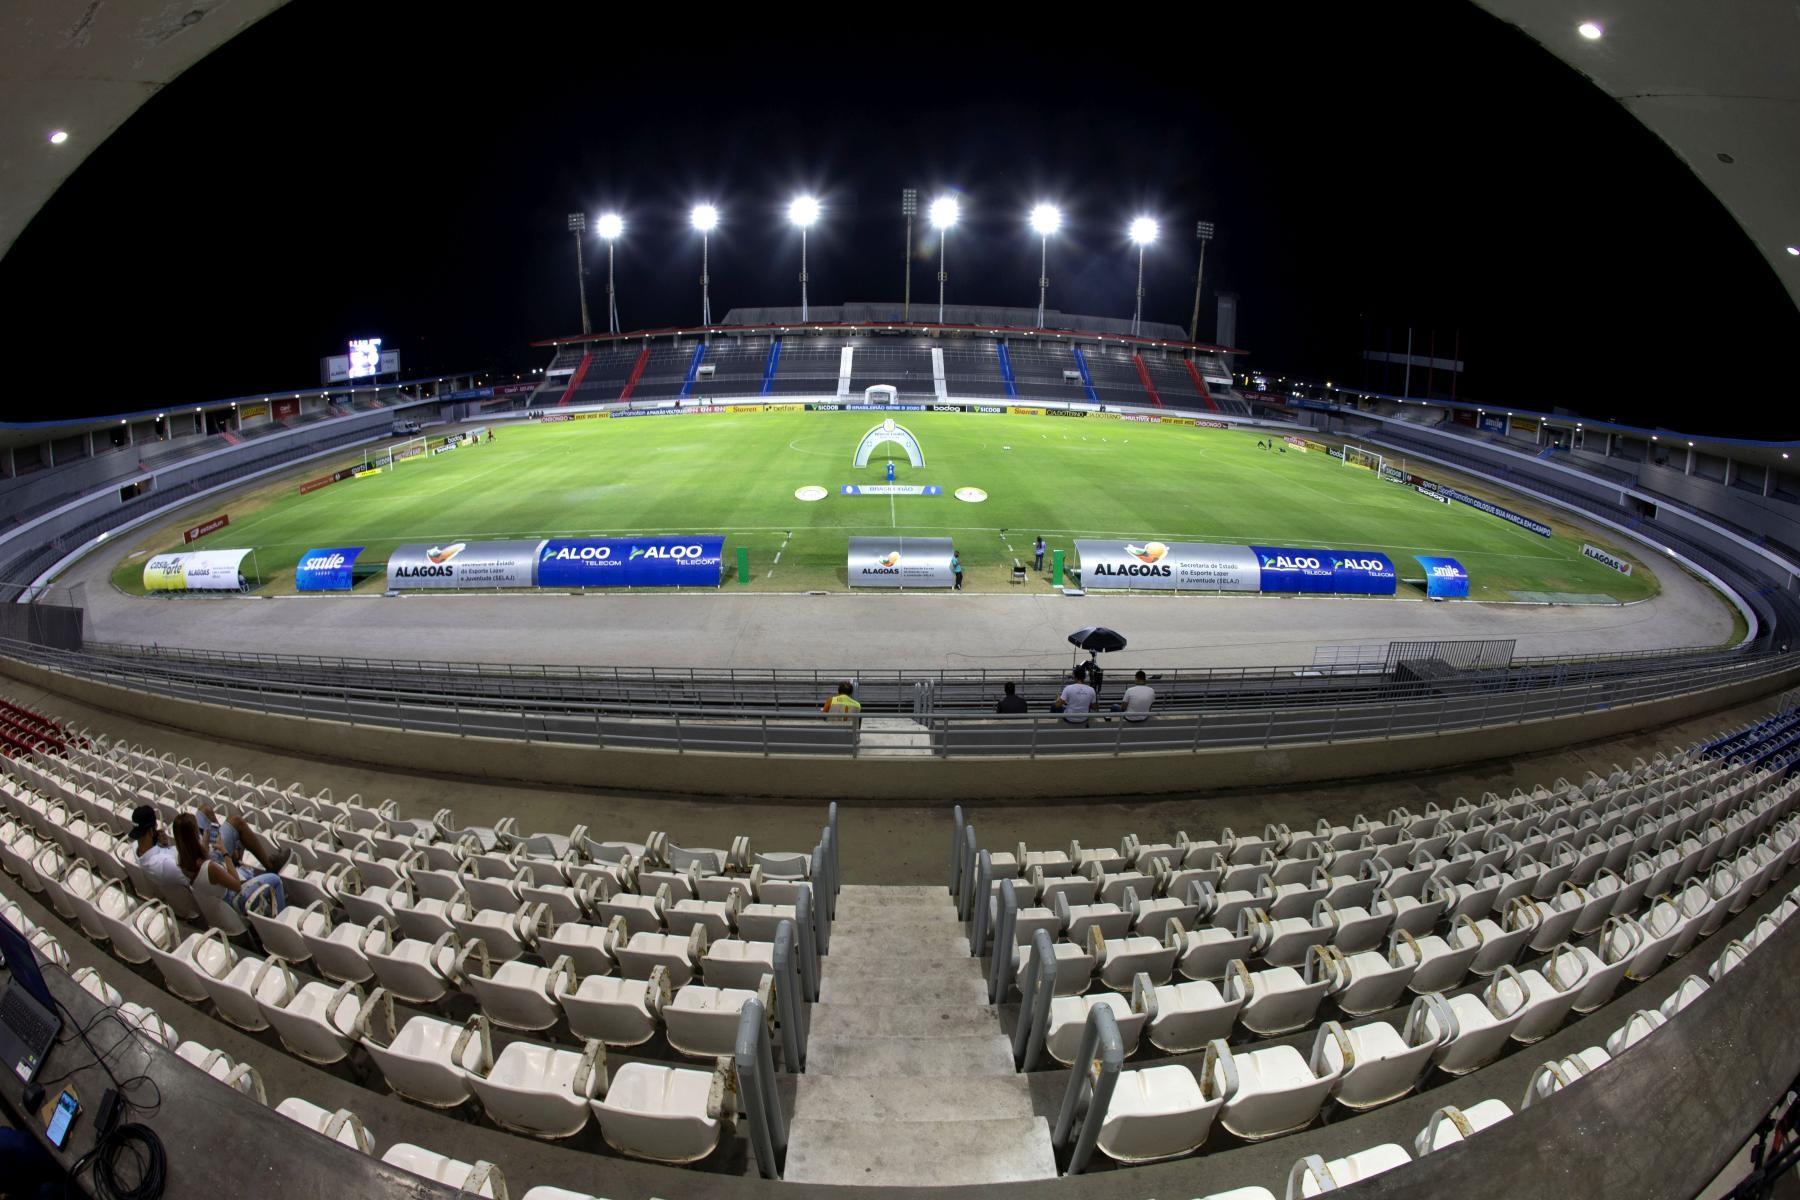 Governador autoriza público reduzido nos jogos de futebol em Alagoas